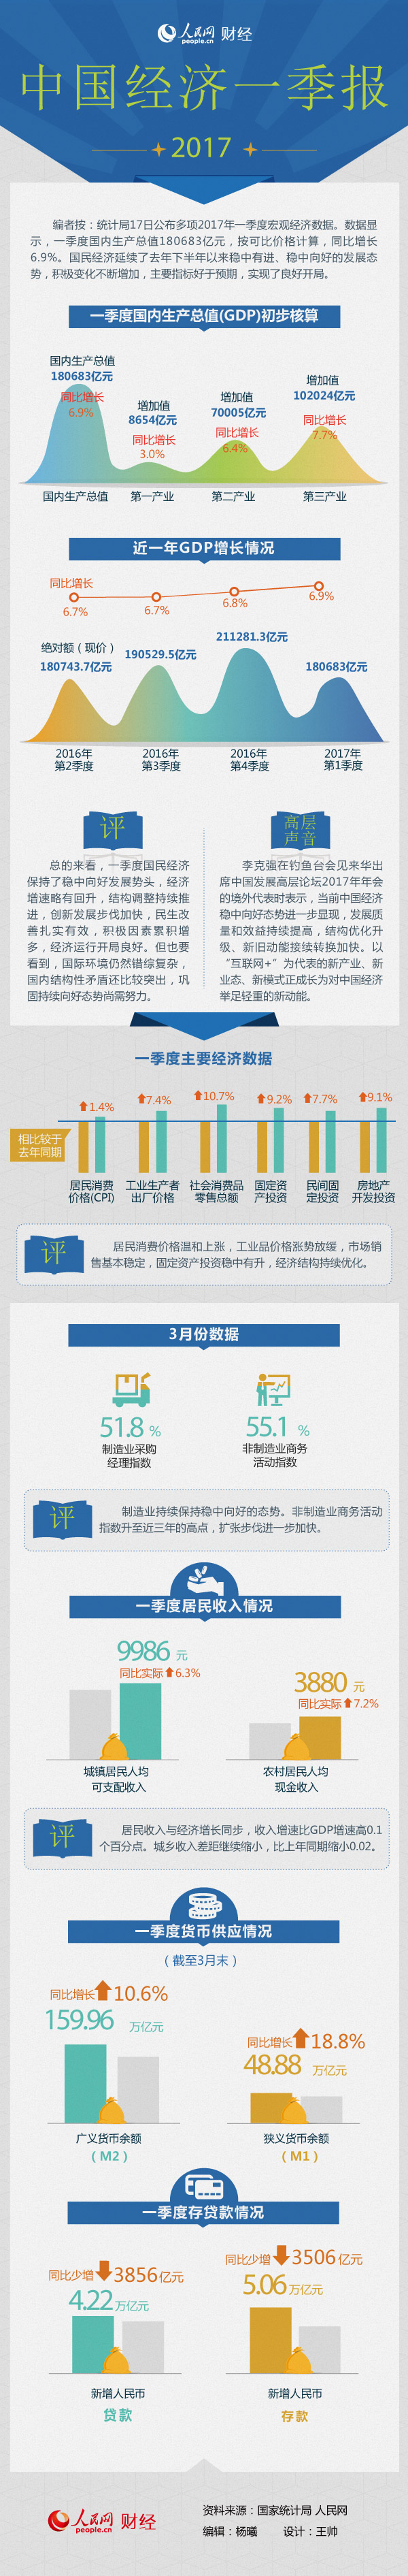 一张图读懂2017年一季度主要宏观经济数据